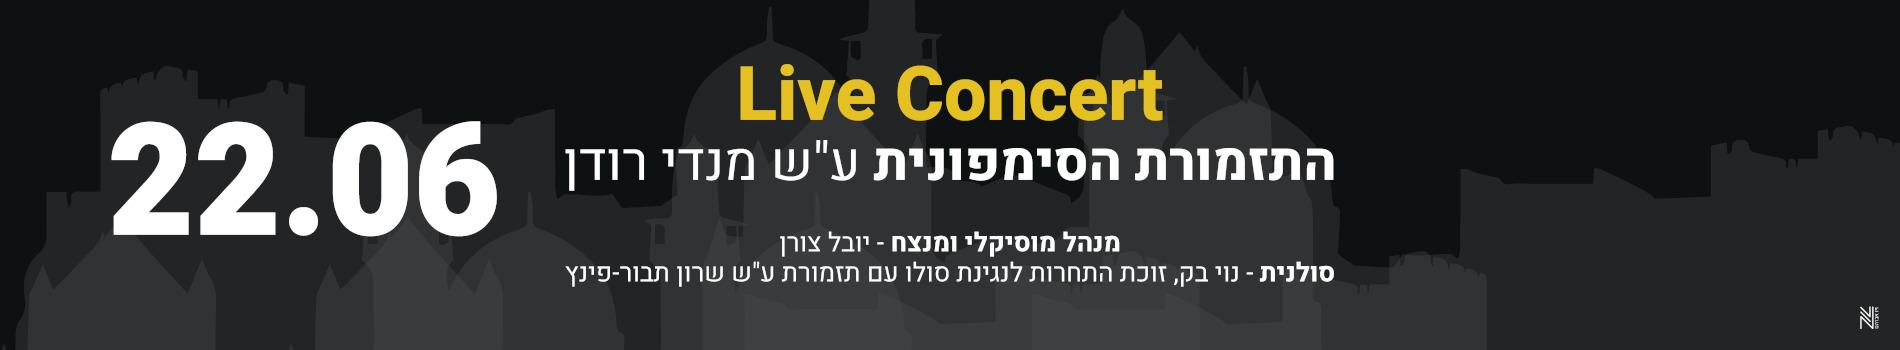 """התזמורת הסימפונית ע""""ש מנדי רודן  - קונצרט זוכת התחרות לנגינת סולו עם תזמורת ע""""ש שרון תבור-פינץ"""